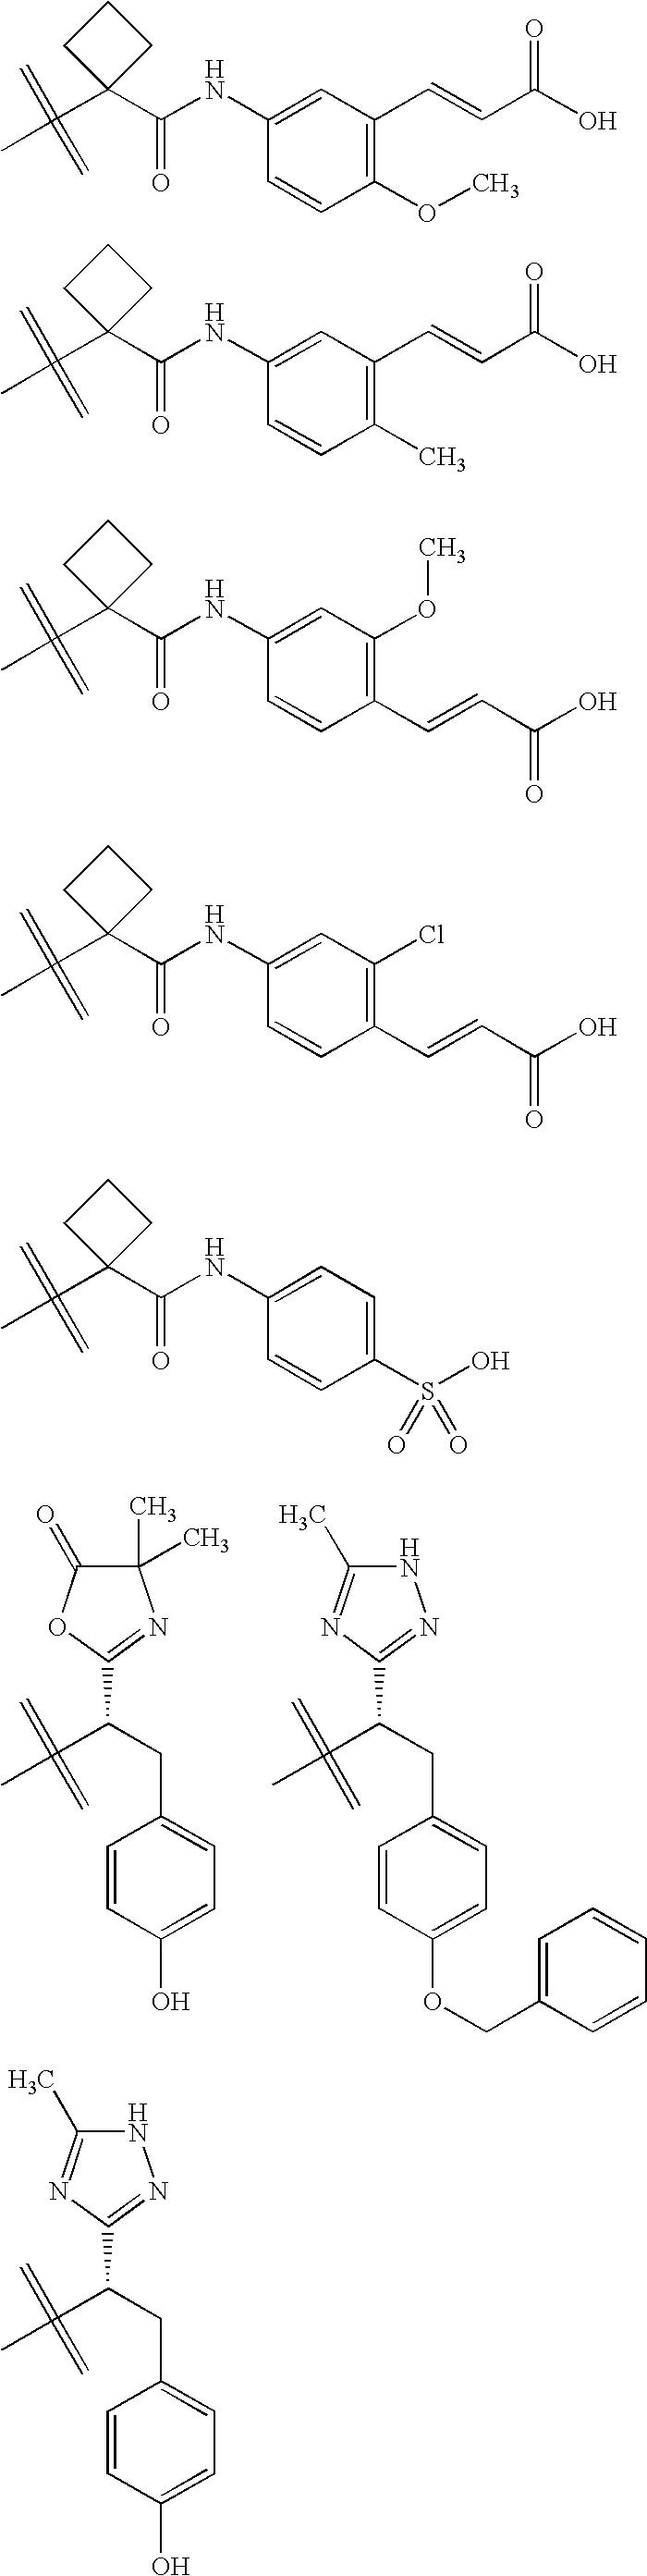 Figure US20070049593A1-20070301-C00199